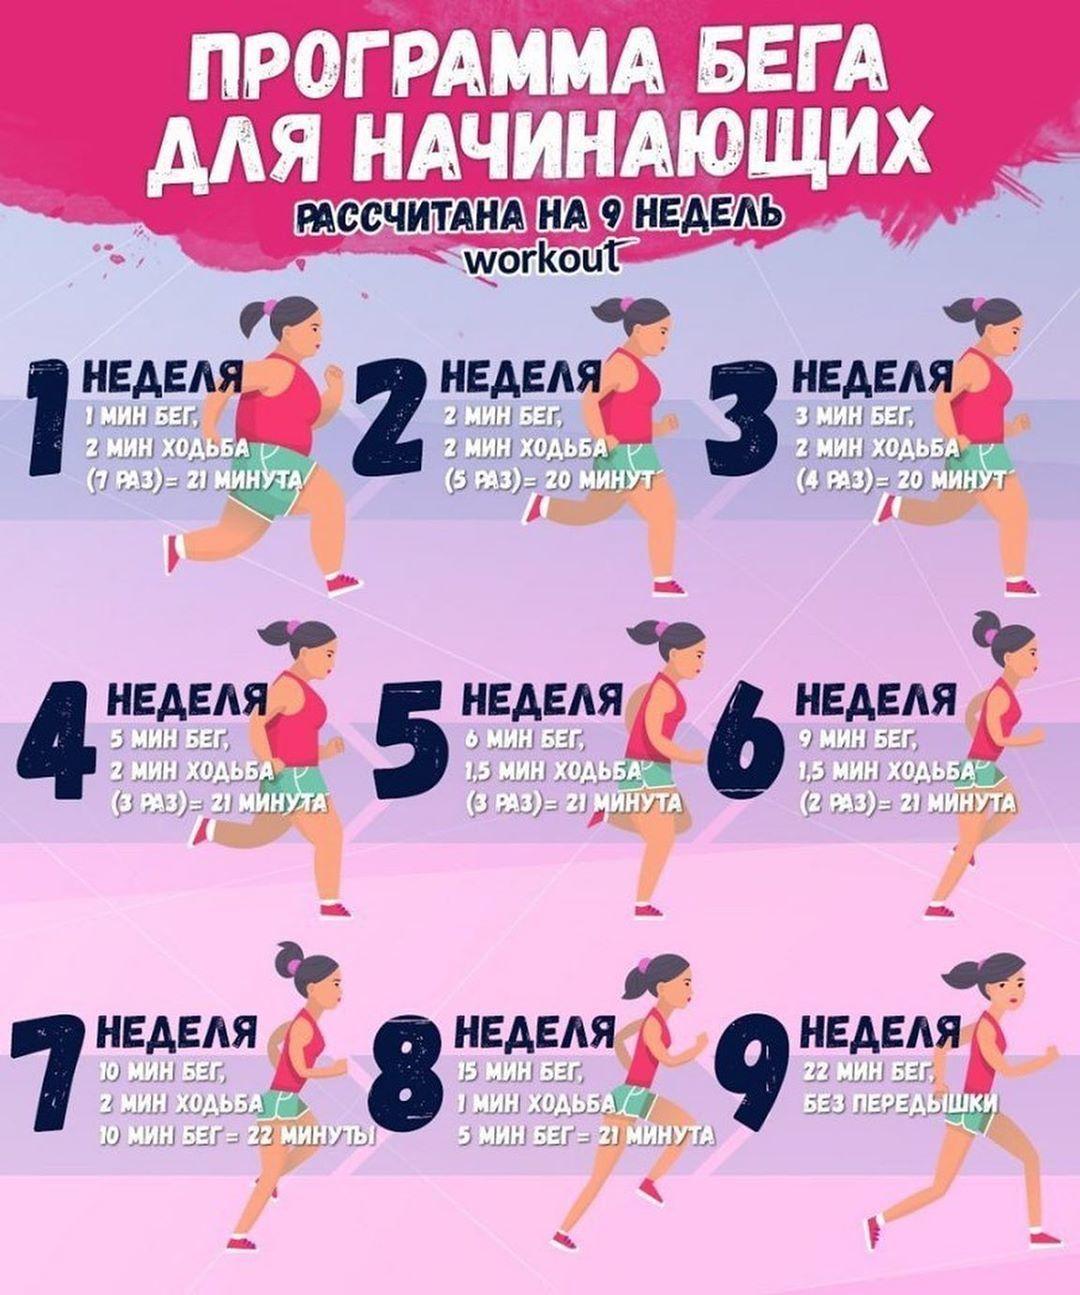 Как начать бегать — 9 советов для начинающих